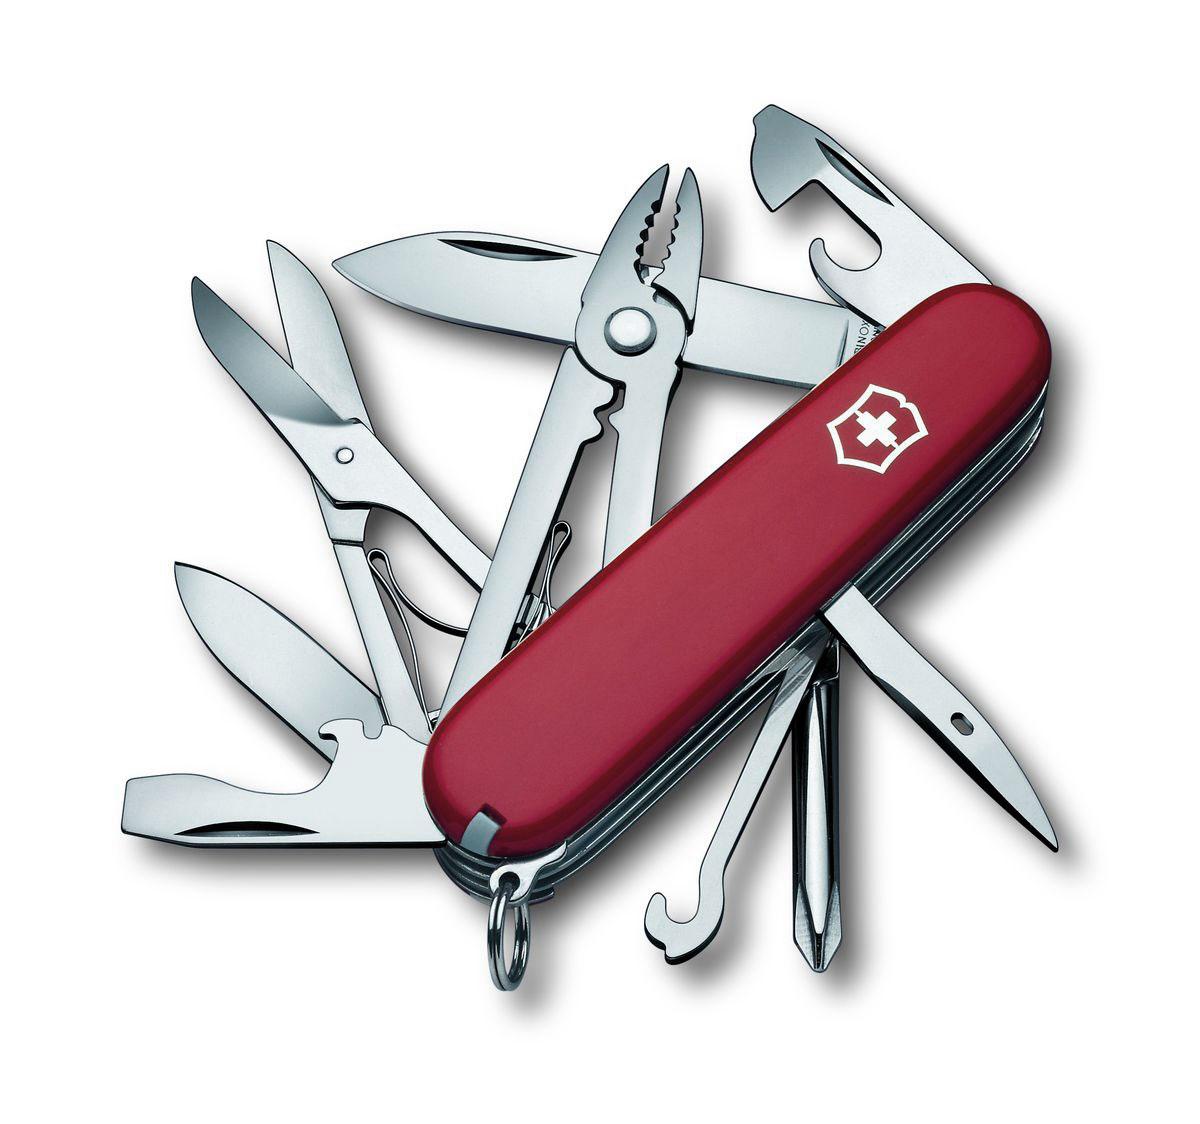 Нож перочинный Victorinox Deluxe Tinker, цвет: красный, 17 функций, 9,1 см1.4723Лезвие перочинного складного ножа Victorinox Deluxe Tinker изготовлено из высококачественной нержавеющей стали. Ручка, выполненная из прочного пластика, обеспечивает надежный и удобный хват.Хорошее качество, надежный долговечный материал и эргономичная рукоятка - что может быть удобнее на природе или на пикнике!Функции ножа:Большое лезвие.Малое лезвие.Крестовая отвертка.Консервный нож с малой отверткой.Открывалка для бутылок с отверткой.Инструмент для снятия изоляции.Шило, кернер.Кольцо для ключей.Пинцет.Зубочистка.Ножницы.Многофункциональный крючок.Плоскогубцы с кусачками для проводов и инструментом для обжима проводов.Длина ножа в сложенном виде: 9,1 см.Длина ножа в разложенном виде: 16 см.Длина большого лезвия: 7 см.Длина малого лезвия: 4,5 см.